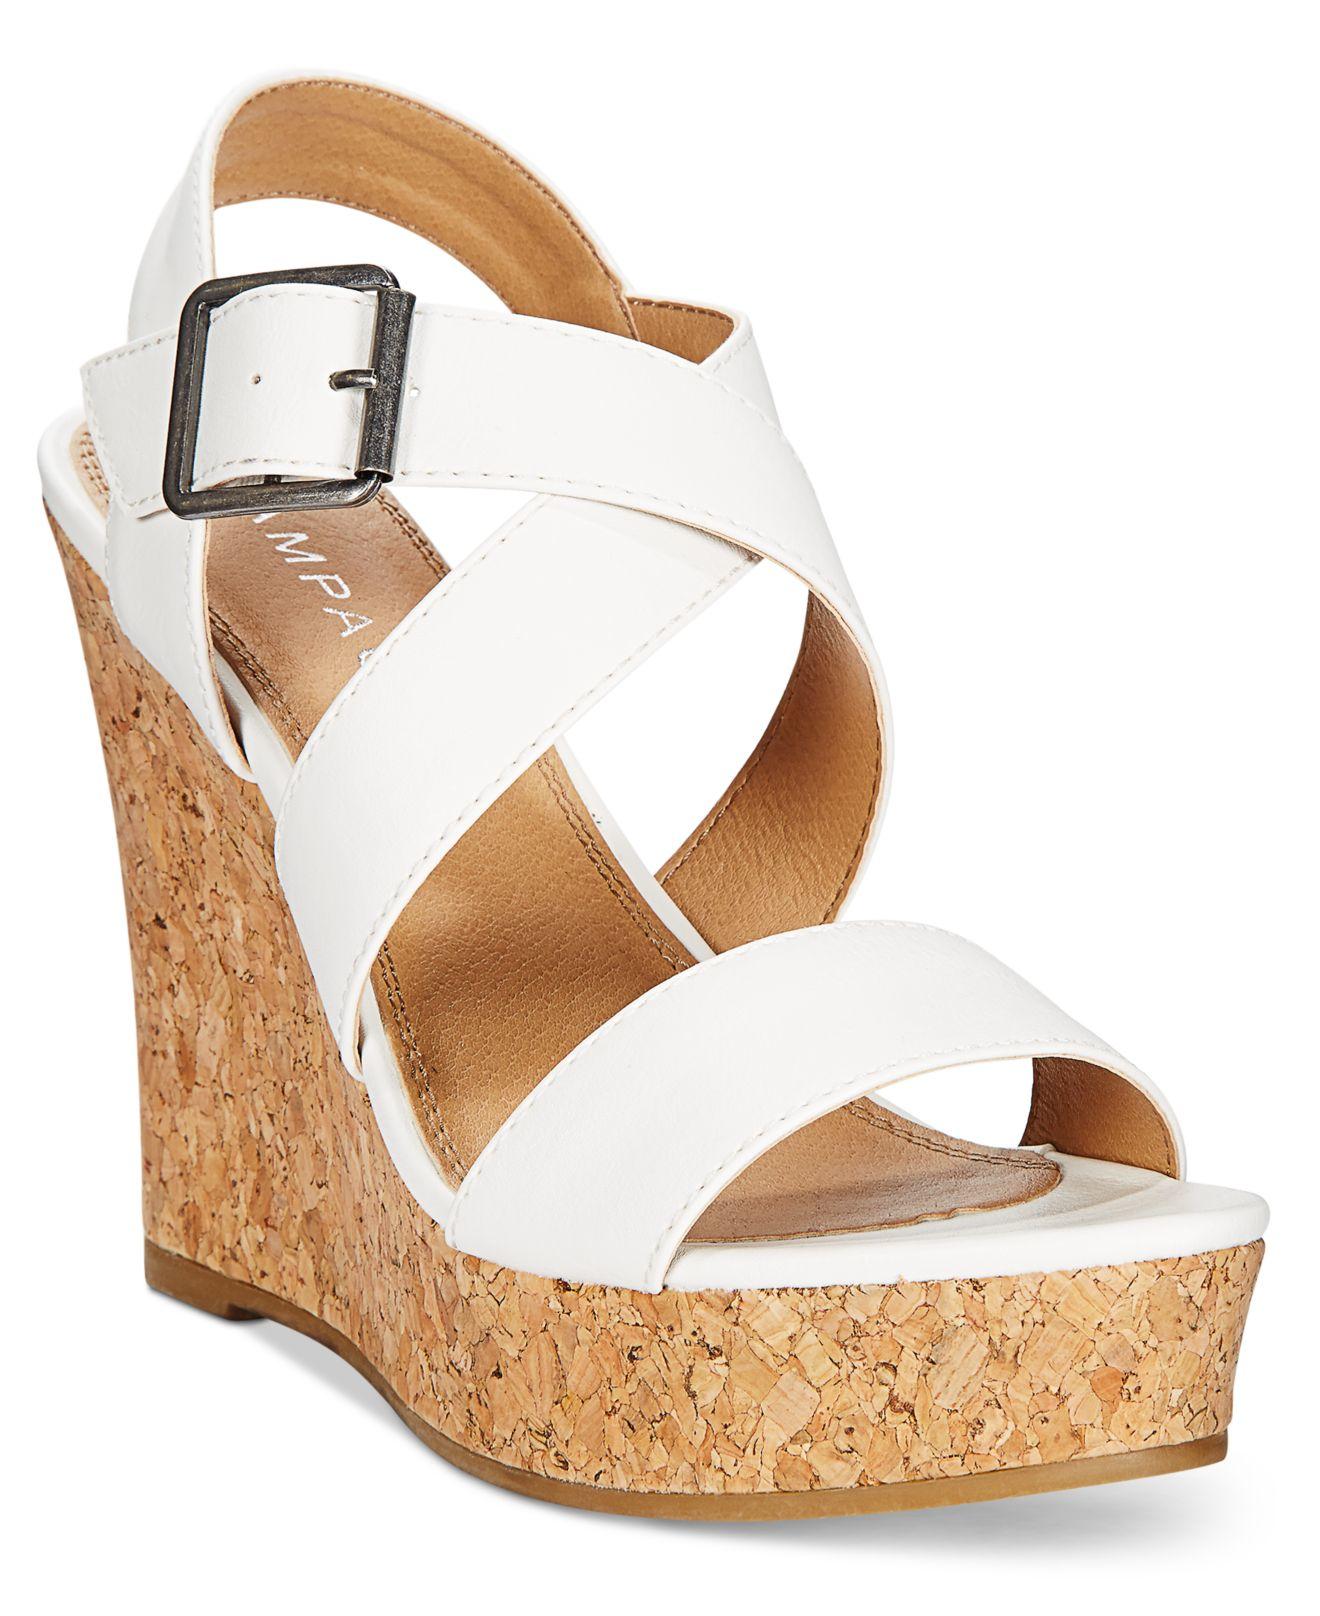 rage happy platform wedge sandals in beige white